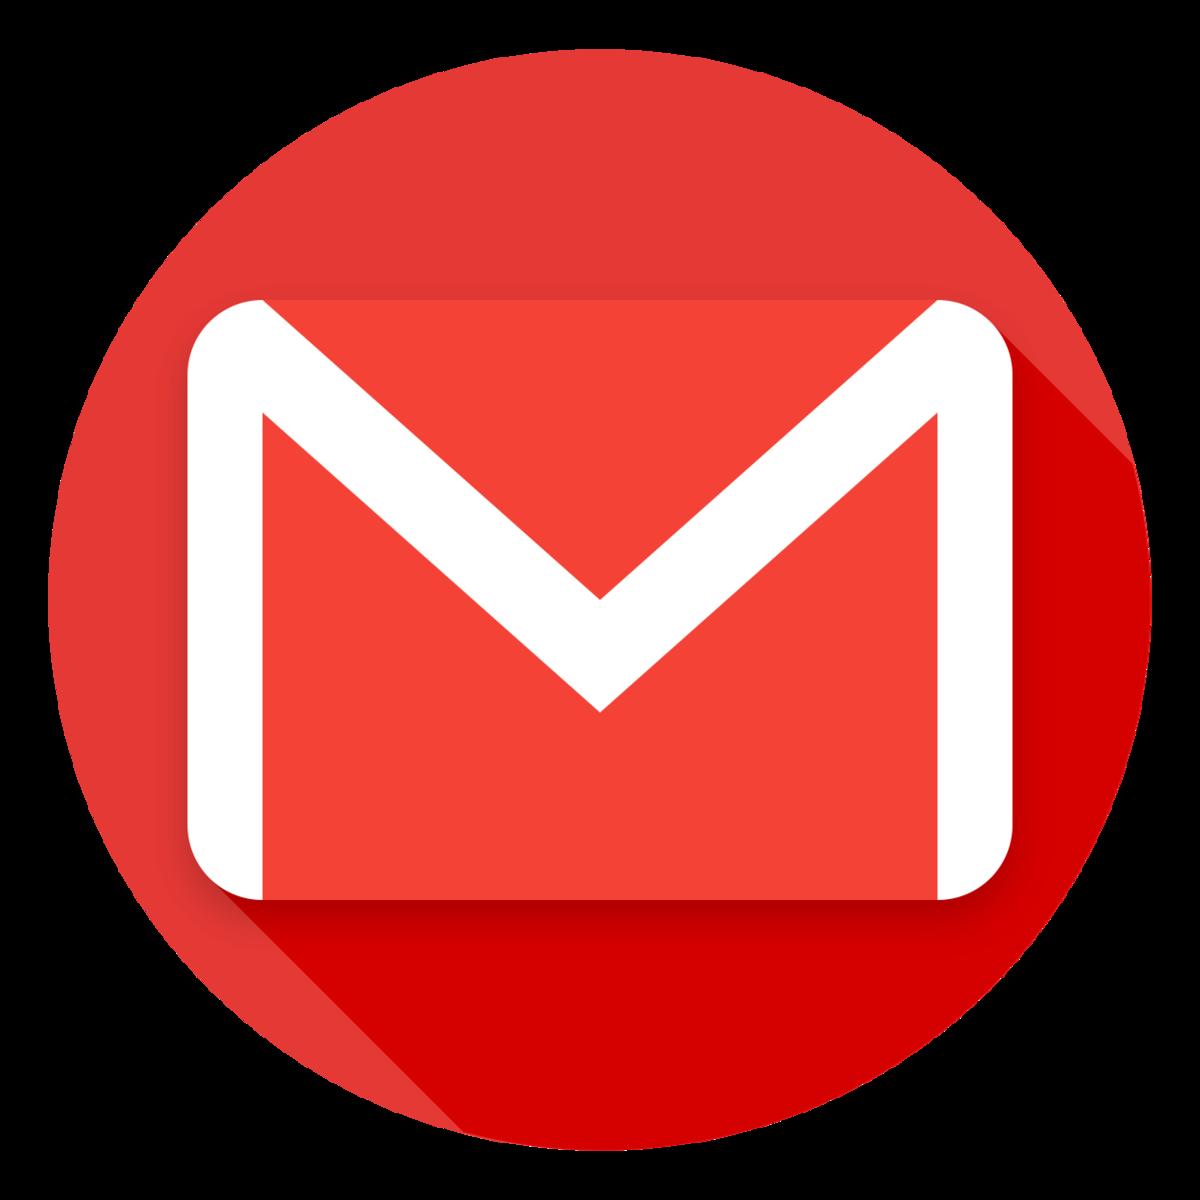 report-porno-g-mail